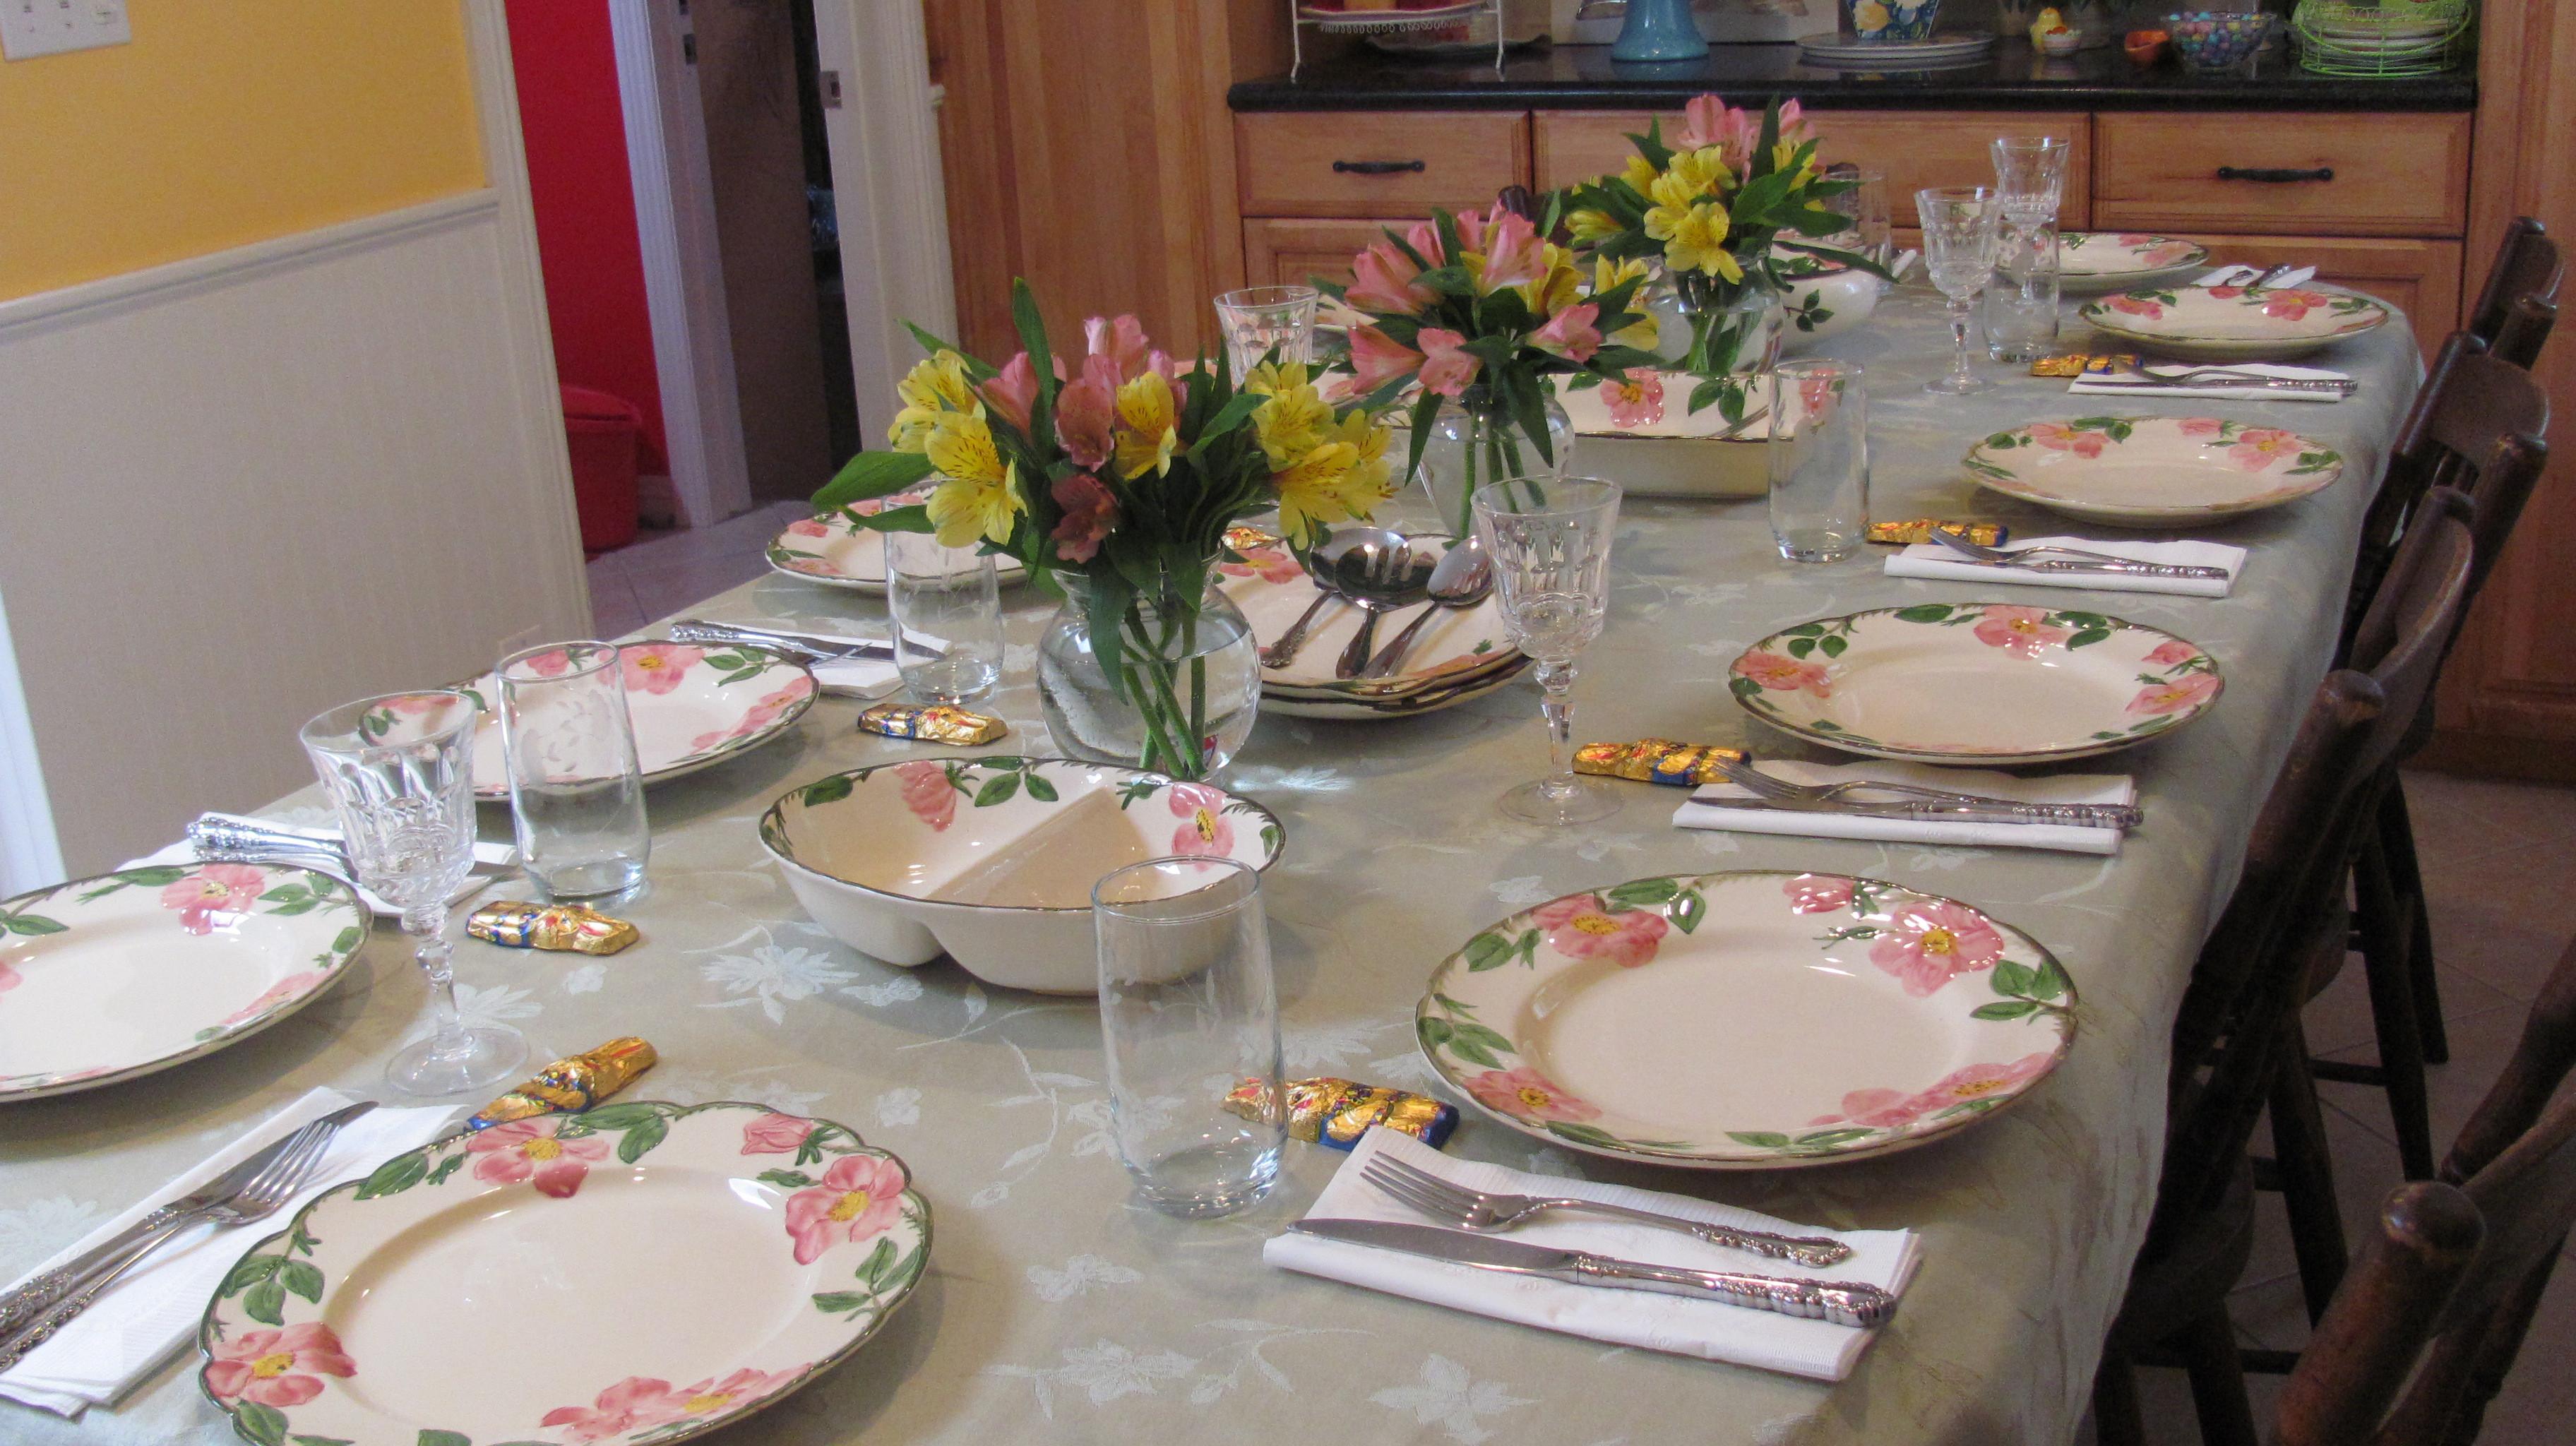 Easter Dinner Table Settings  Easter